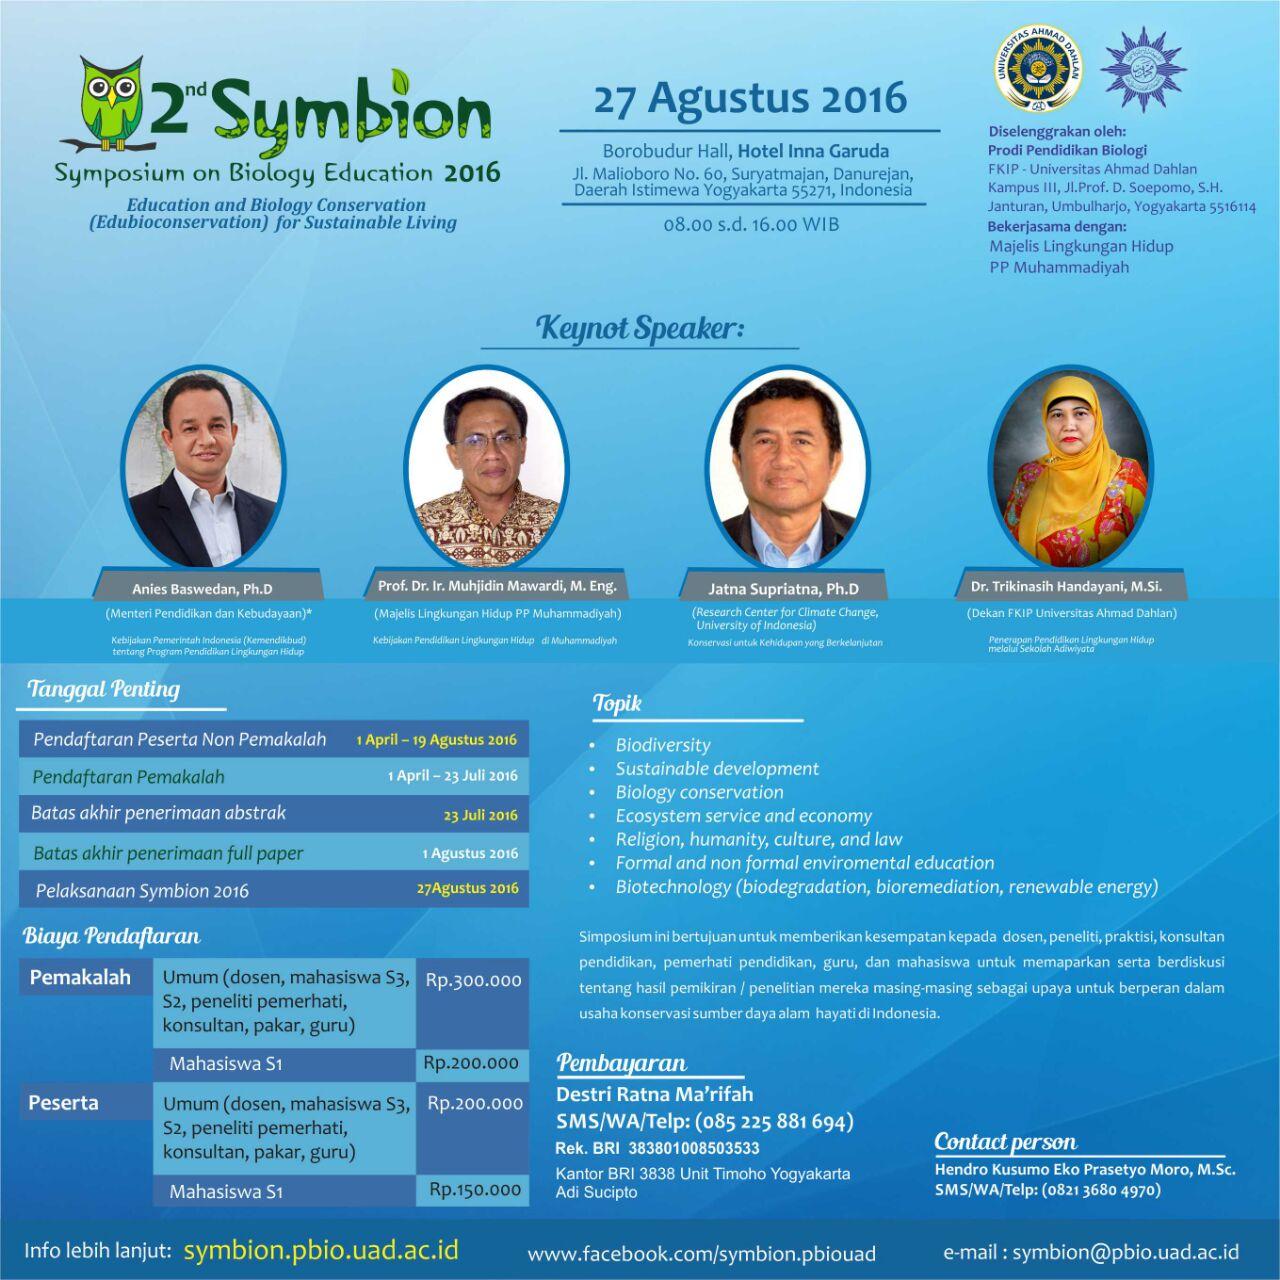 Symposium on Biology Education